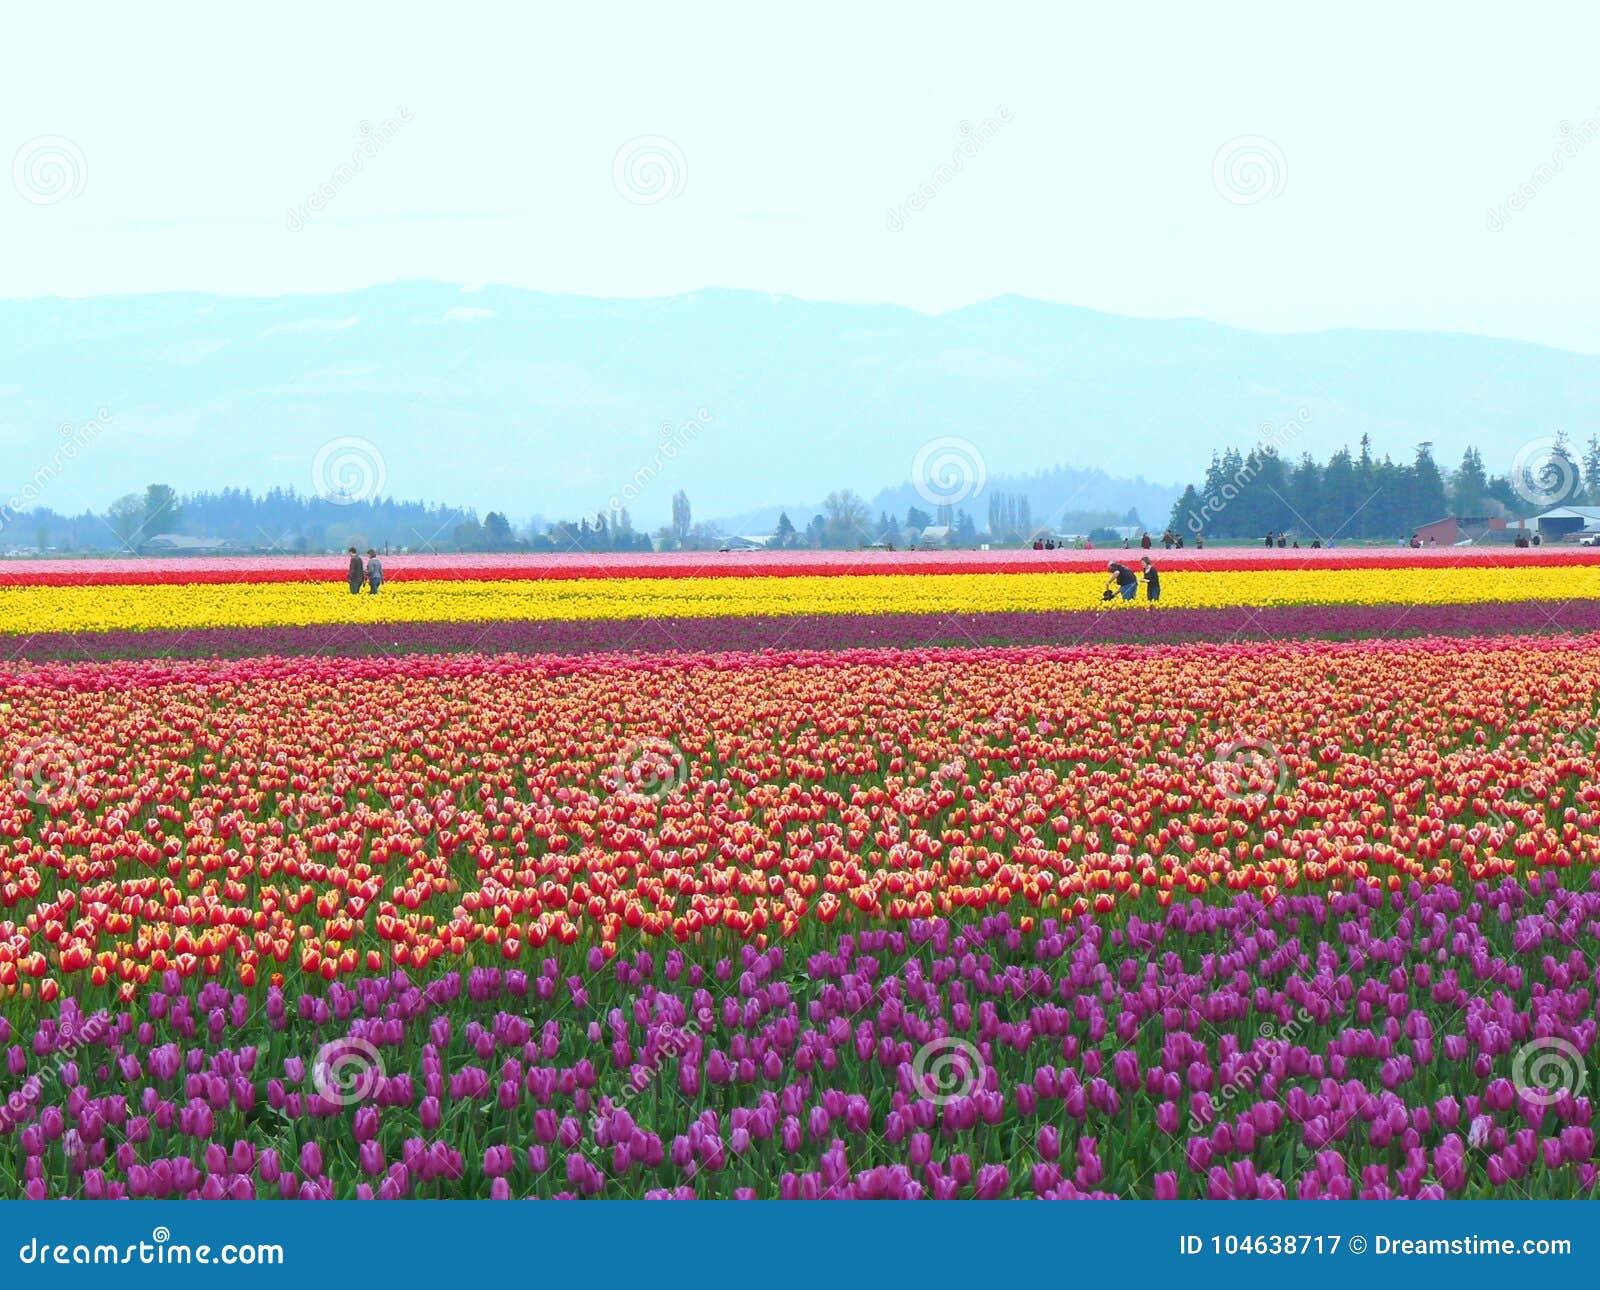 Download Veelvoudige De Kleurentulp Van De Bloemtuin Redactionele Fotografie - Afbeelding bestaande uit viooltje, vrede: 104638717